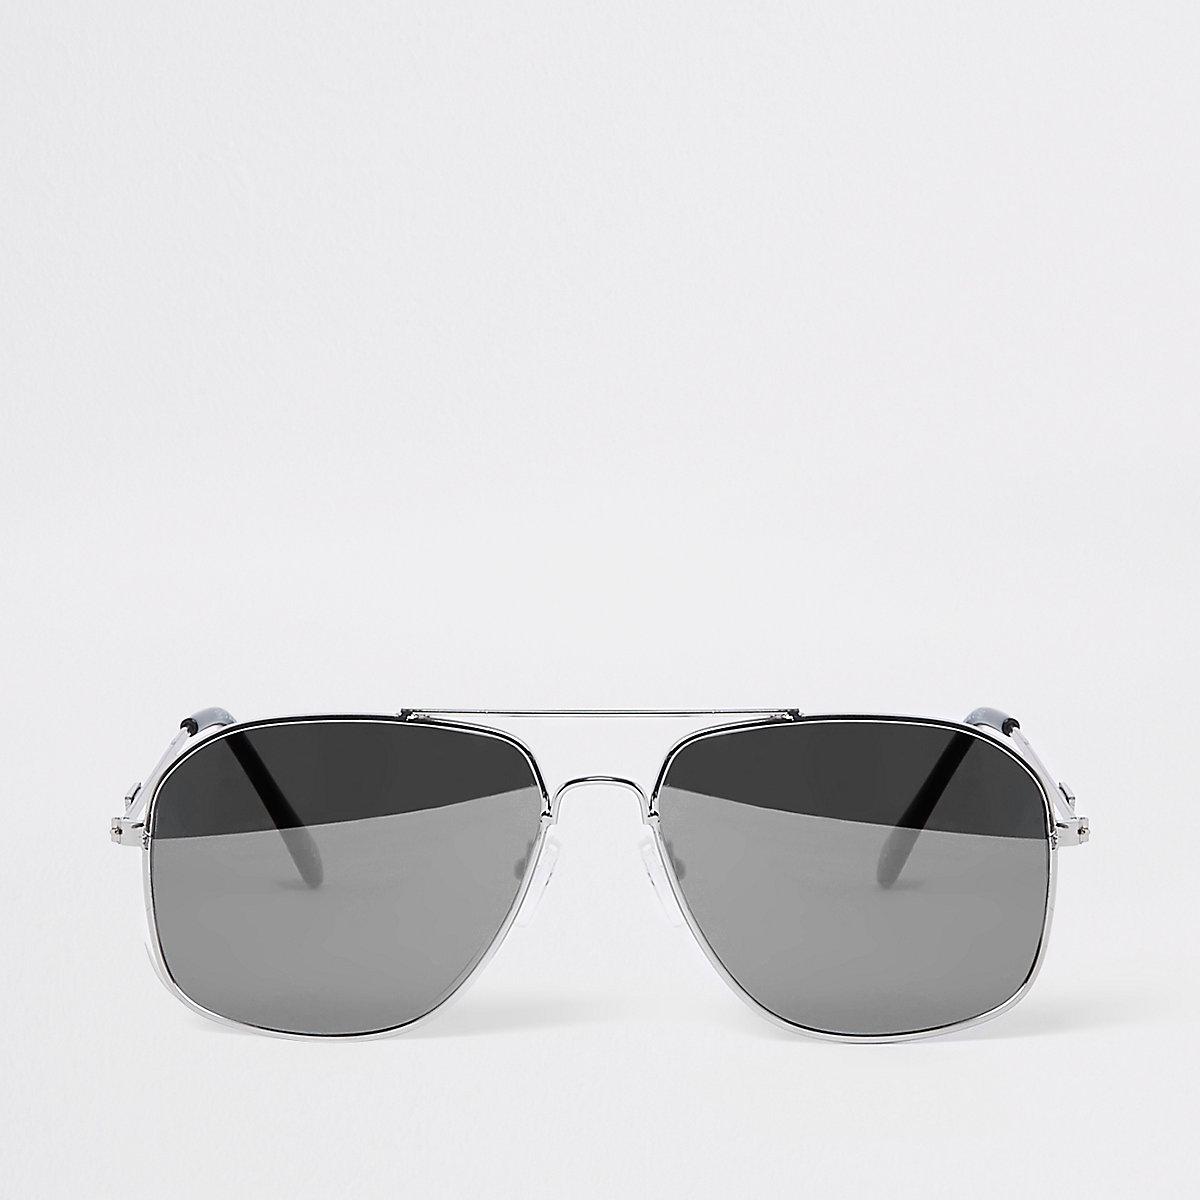 Silver tone mirror aviator sunglasses